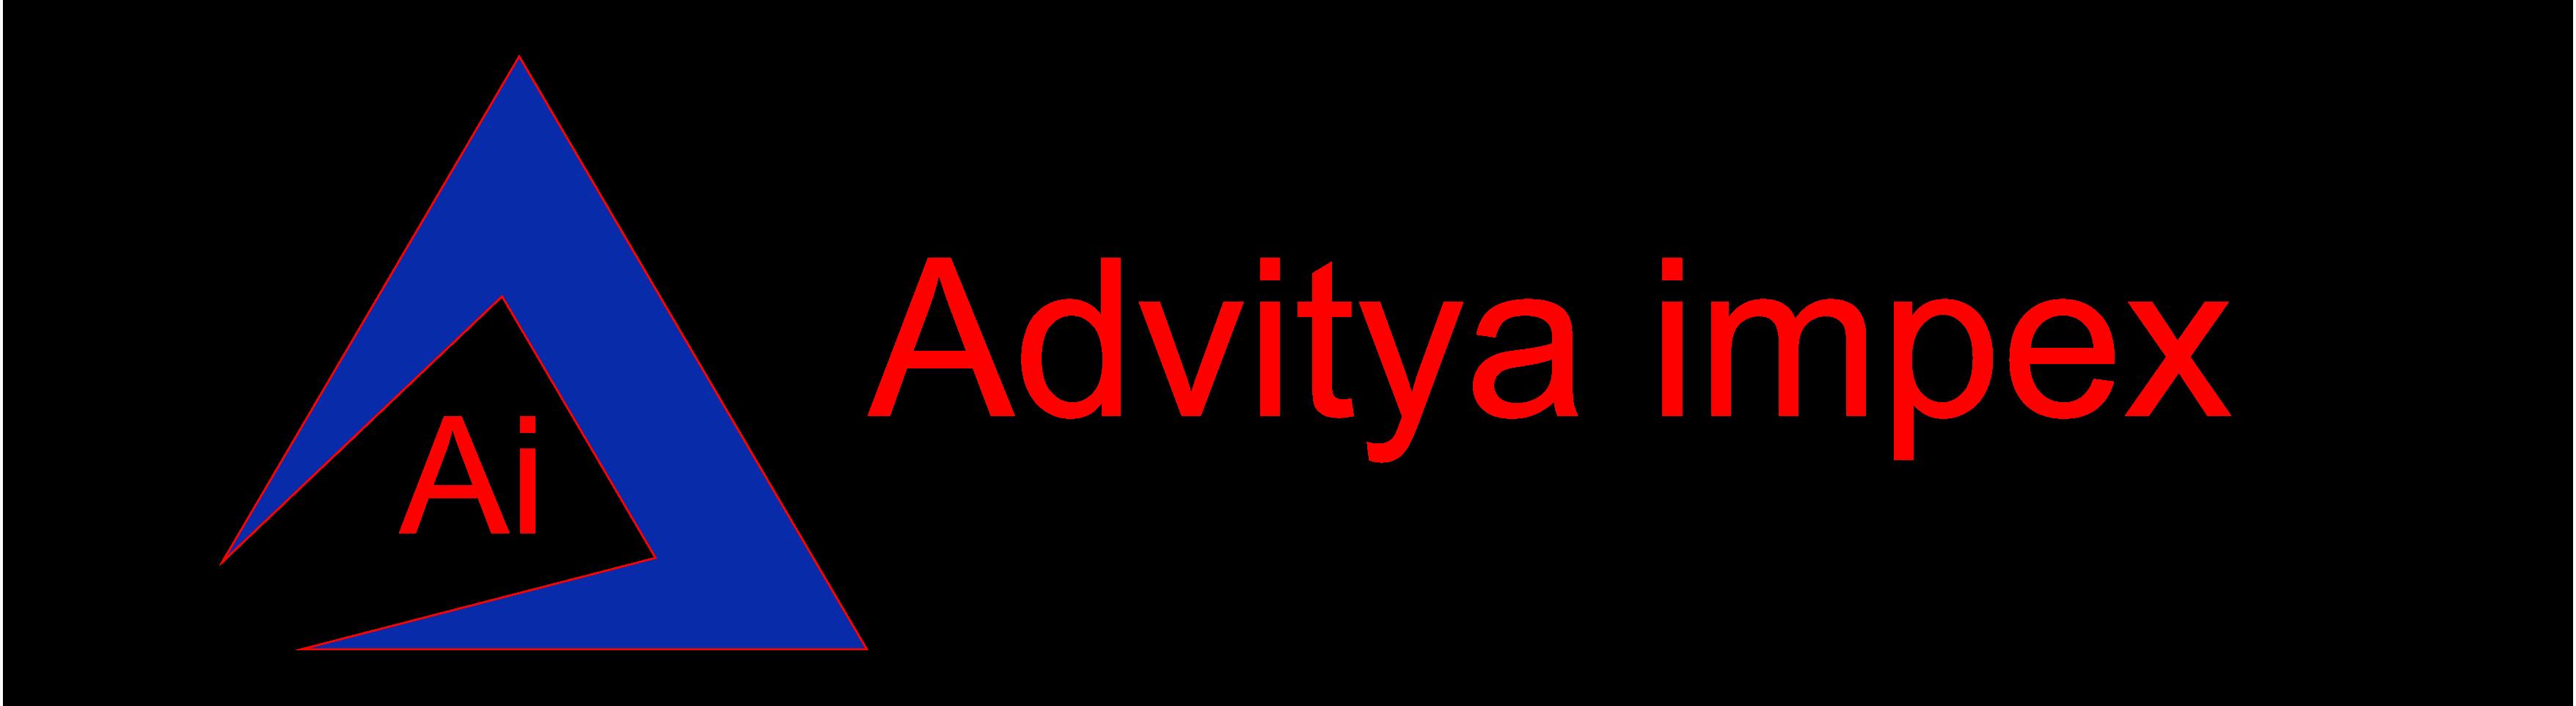 Advitya impex